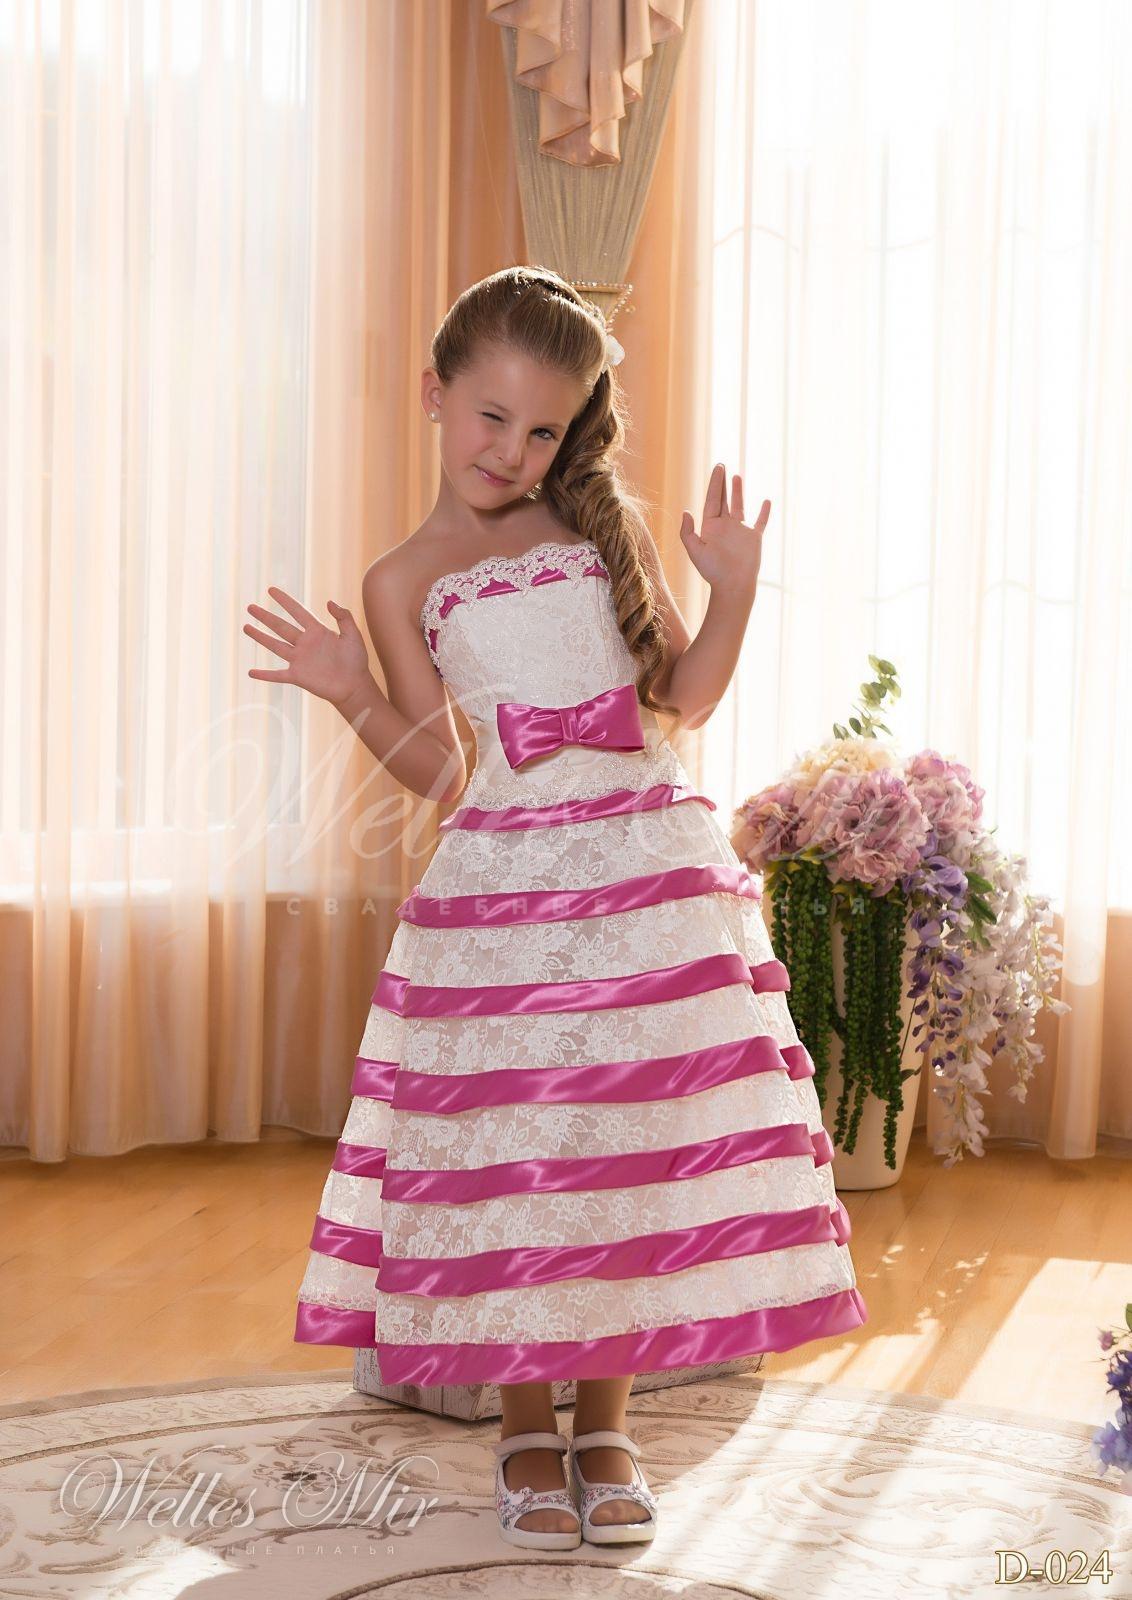 Детские платья Детские платья 2015 - D-024